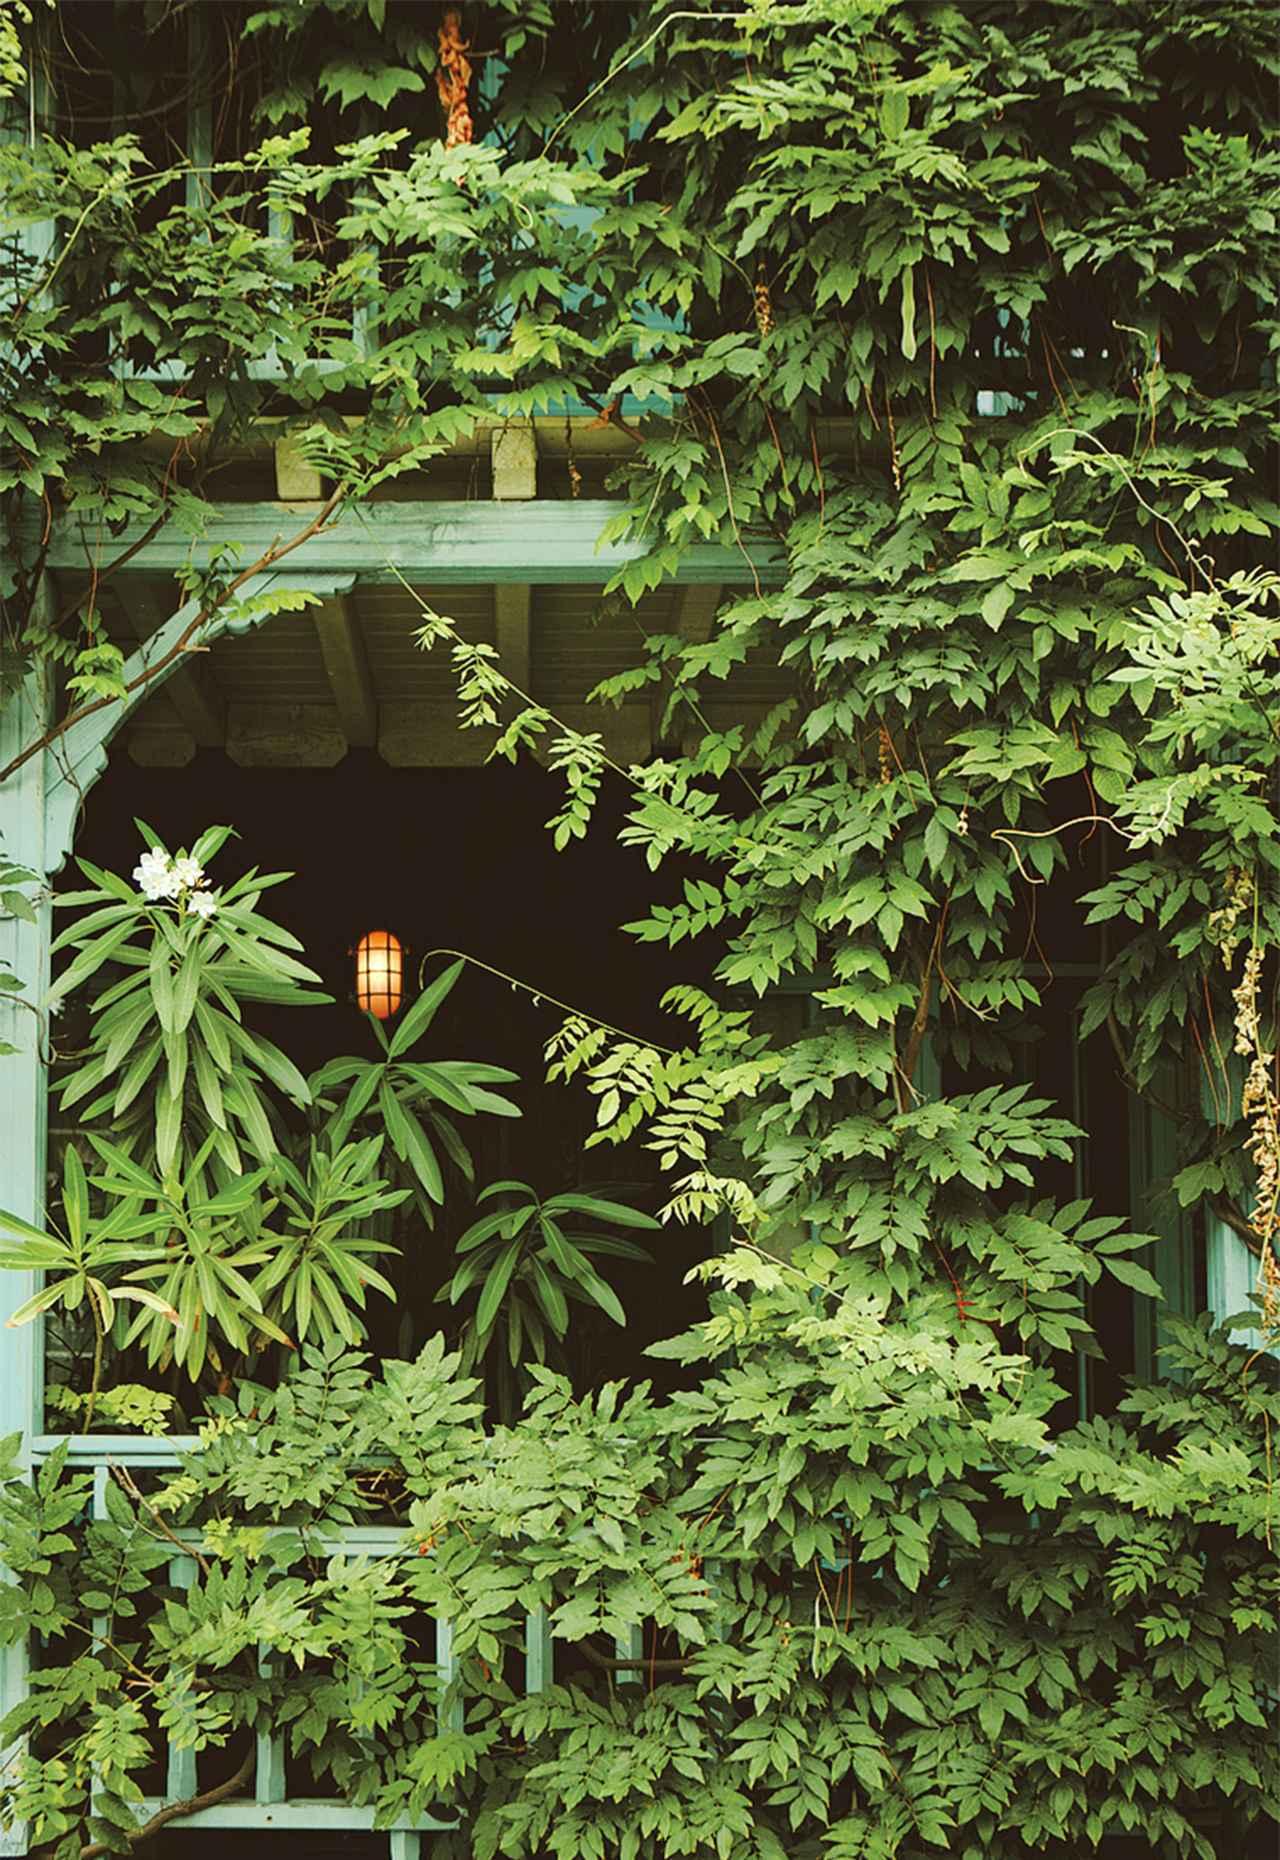 画像 : 2番目の画像 - 「ミモザの香りと砂丘に導かれ、 フランスにおけるケープ・コッド カップ・フェレ半島へ」のアルバム - T JAPAN:The New York Times Style Magazine 公式サイト